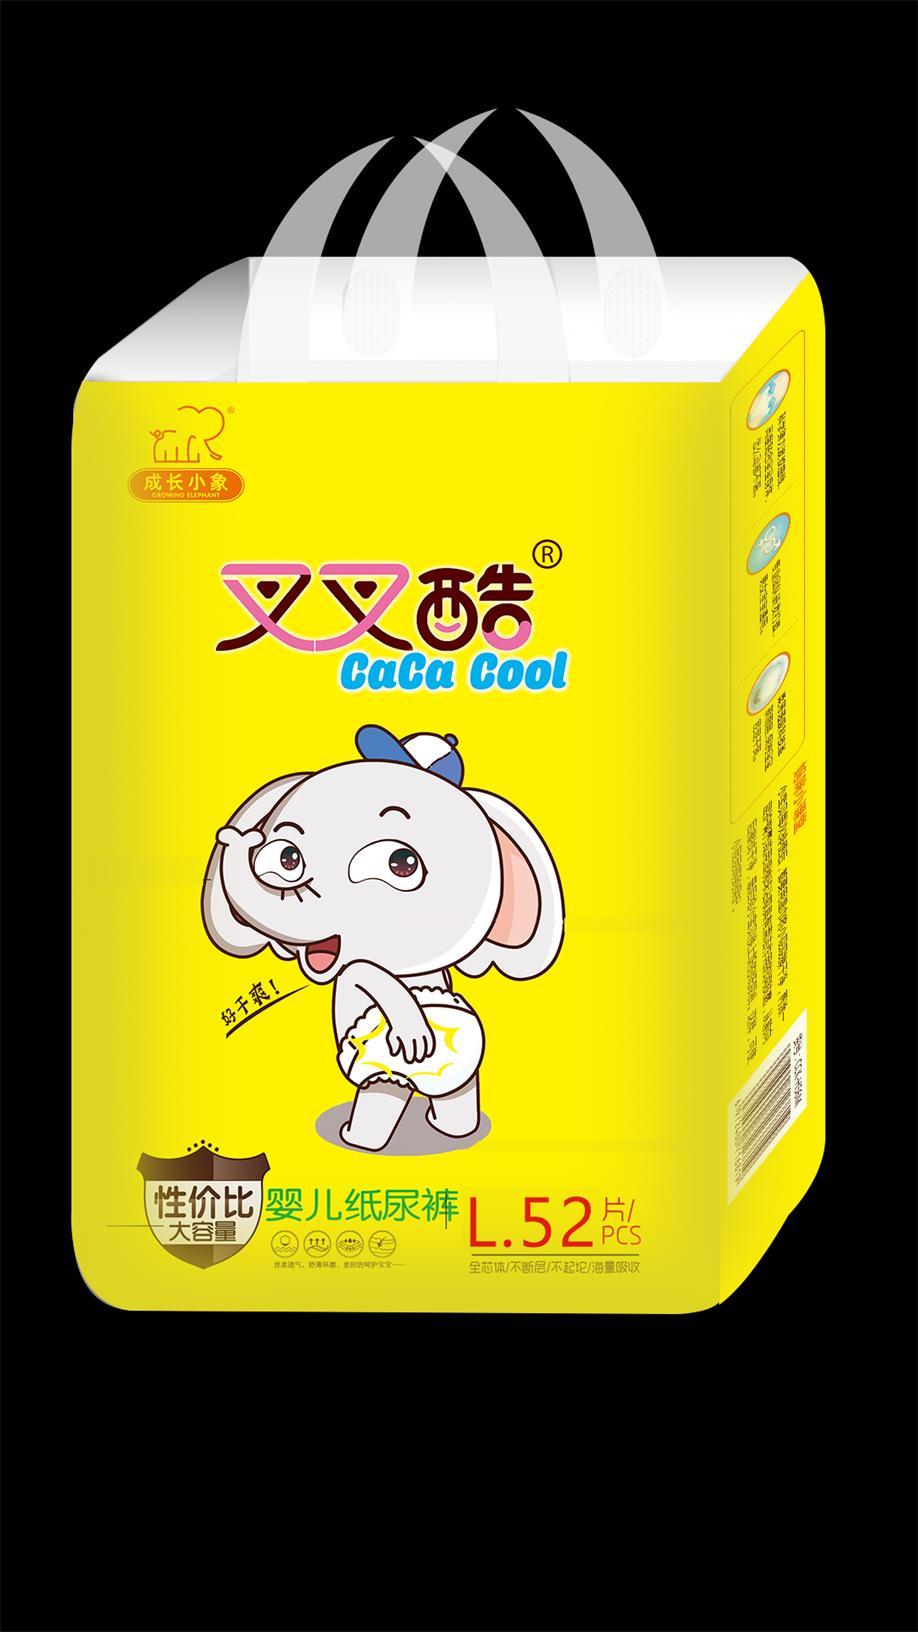 云南嬰兒拉拉褲廠家-哪里有專業的紙尿褲代理